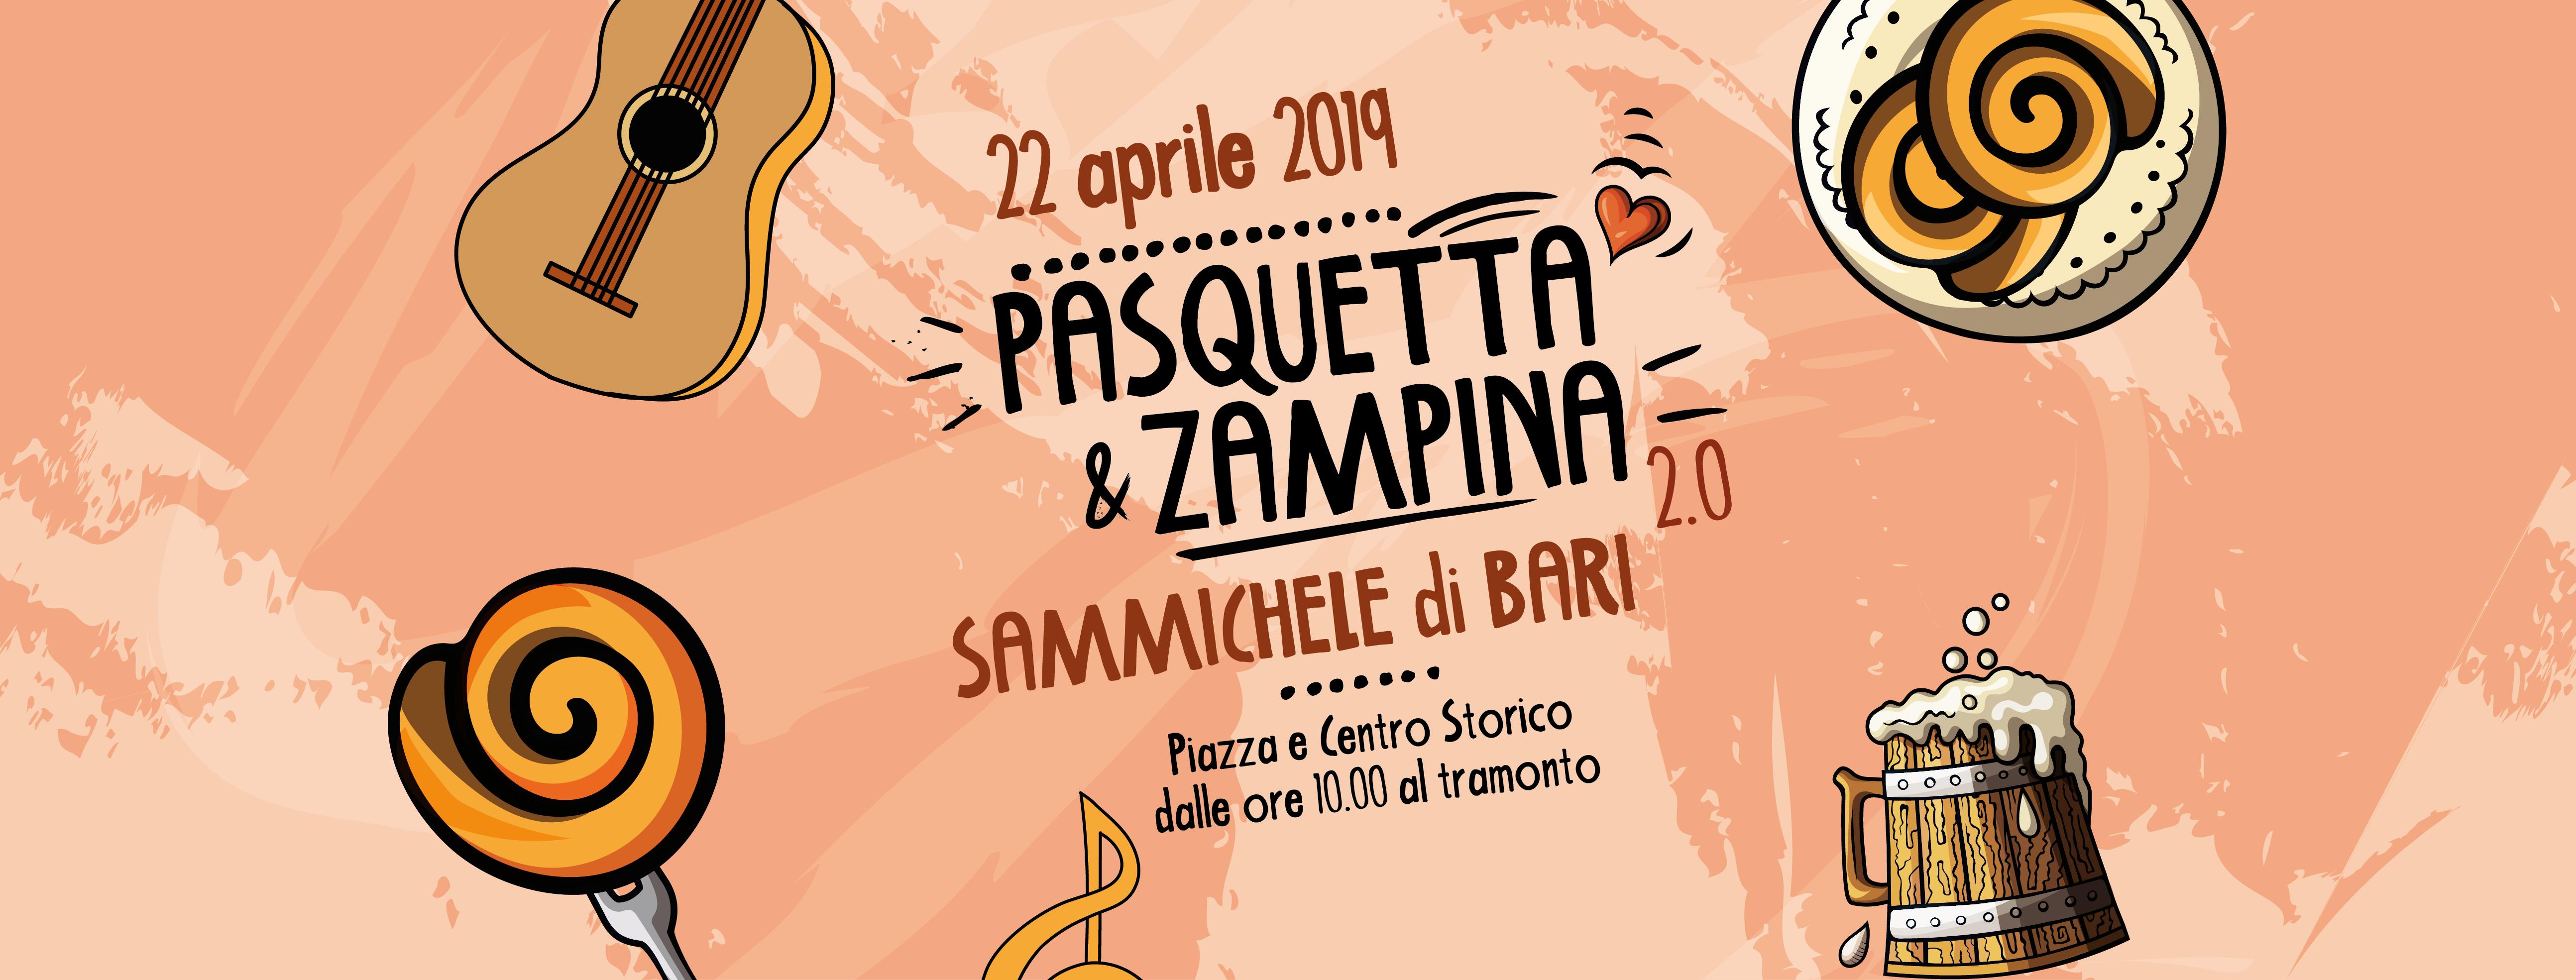 pasquetta&zampina_cover pagina fb